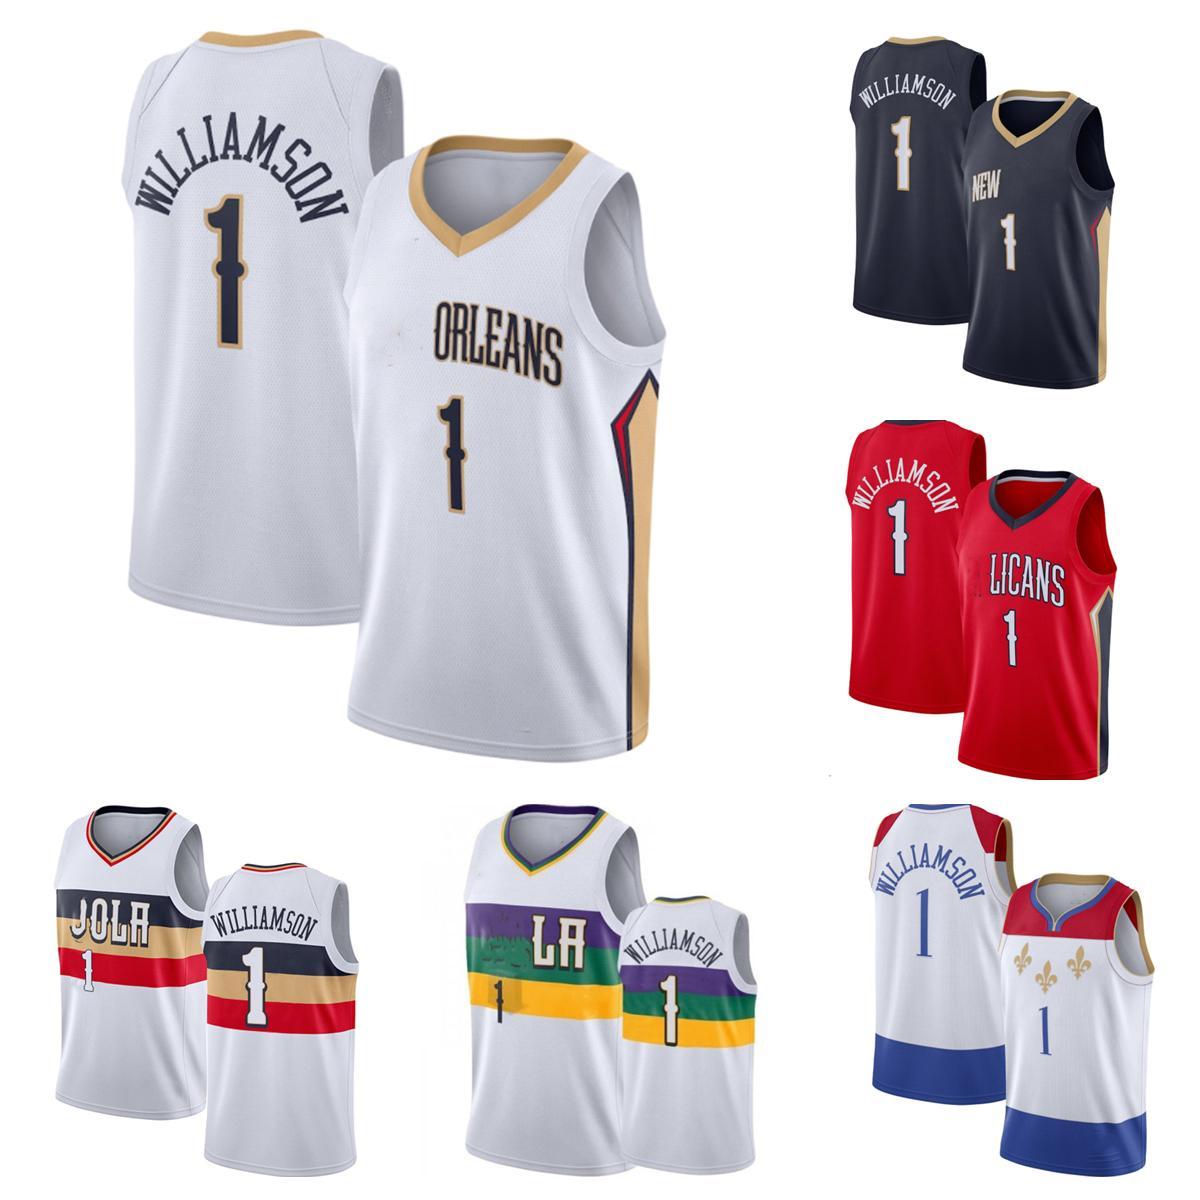 2021-2022 Hochwertige genähte Basketball-Trikots Zion-Williamson